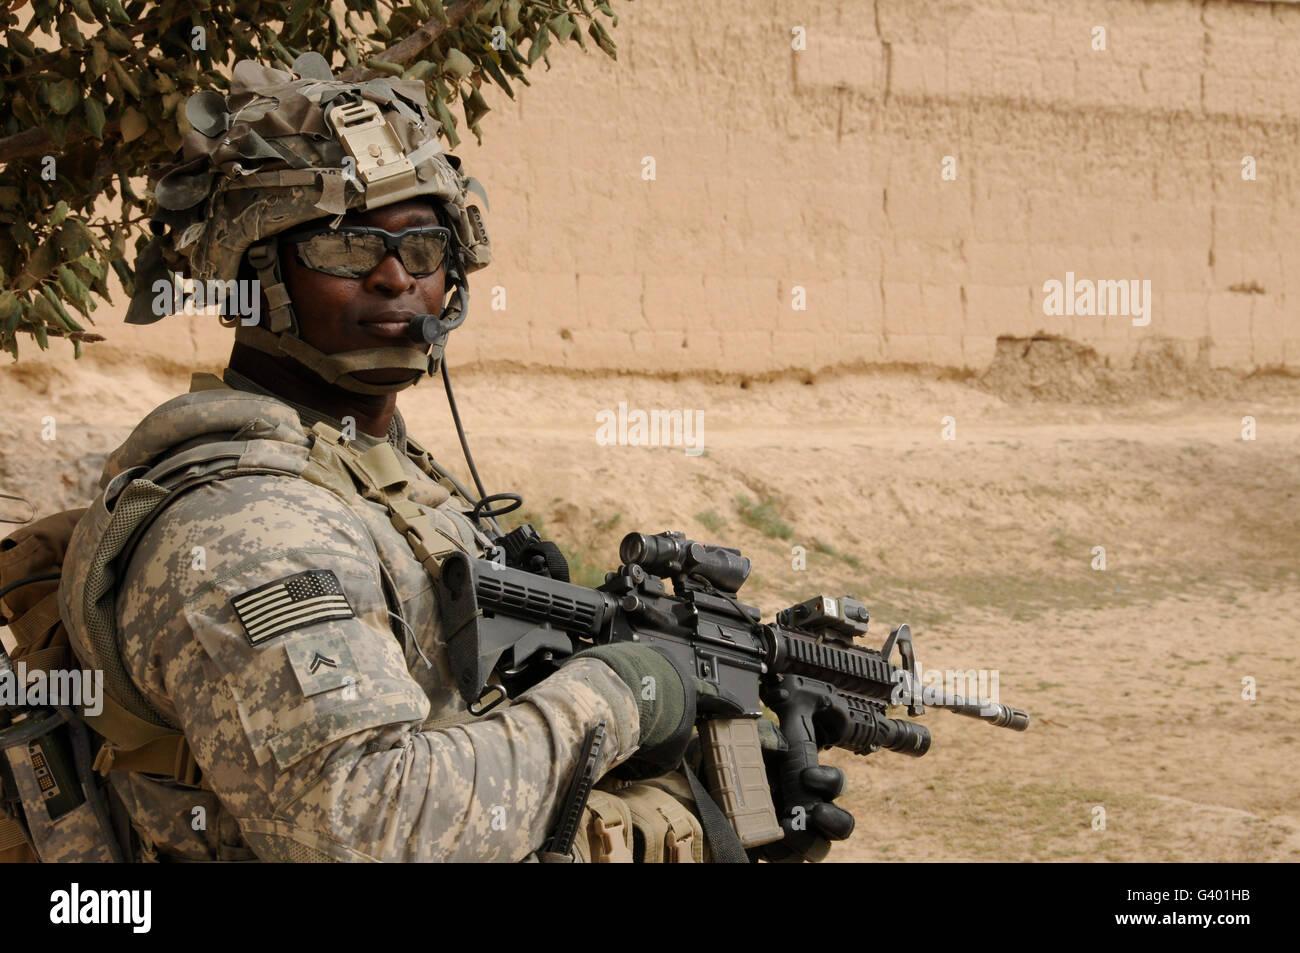 Entfernungsmesser Us Army : Us army soldat scannt seine bereich während einer patrouille in